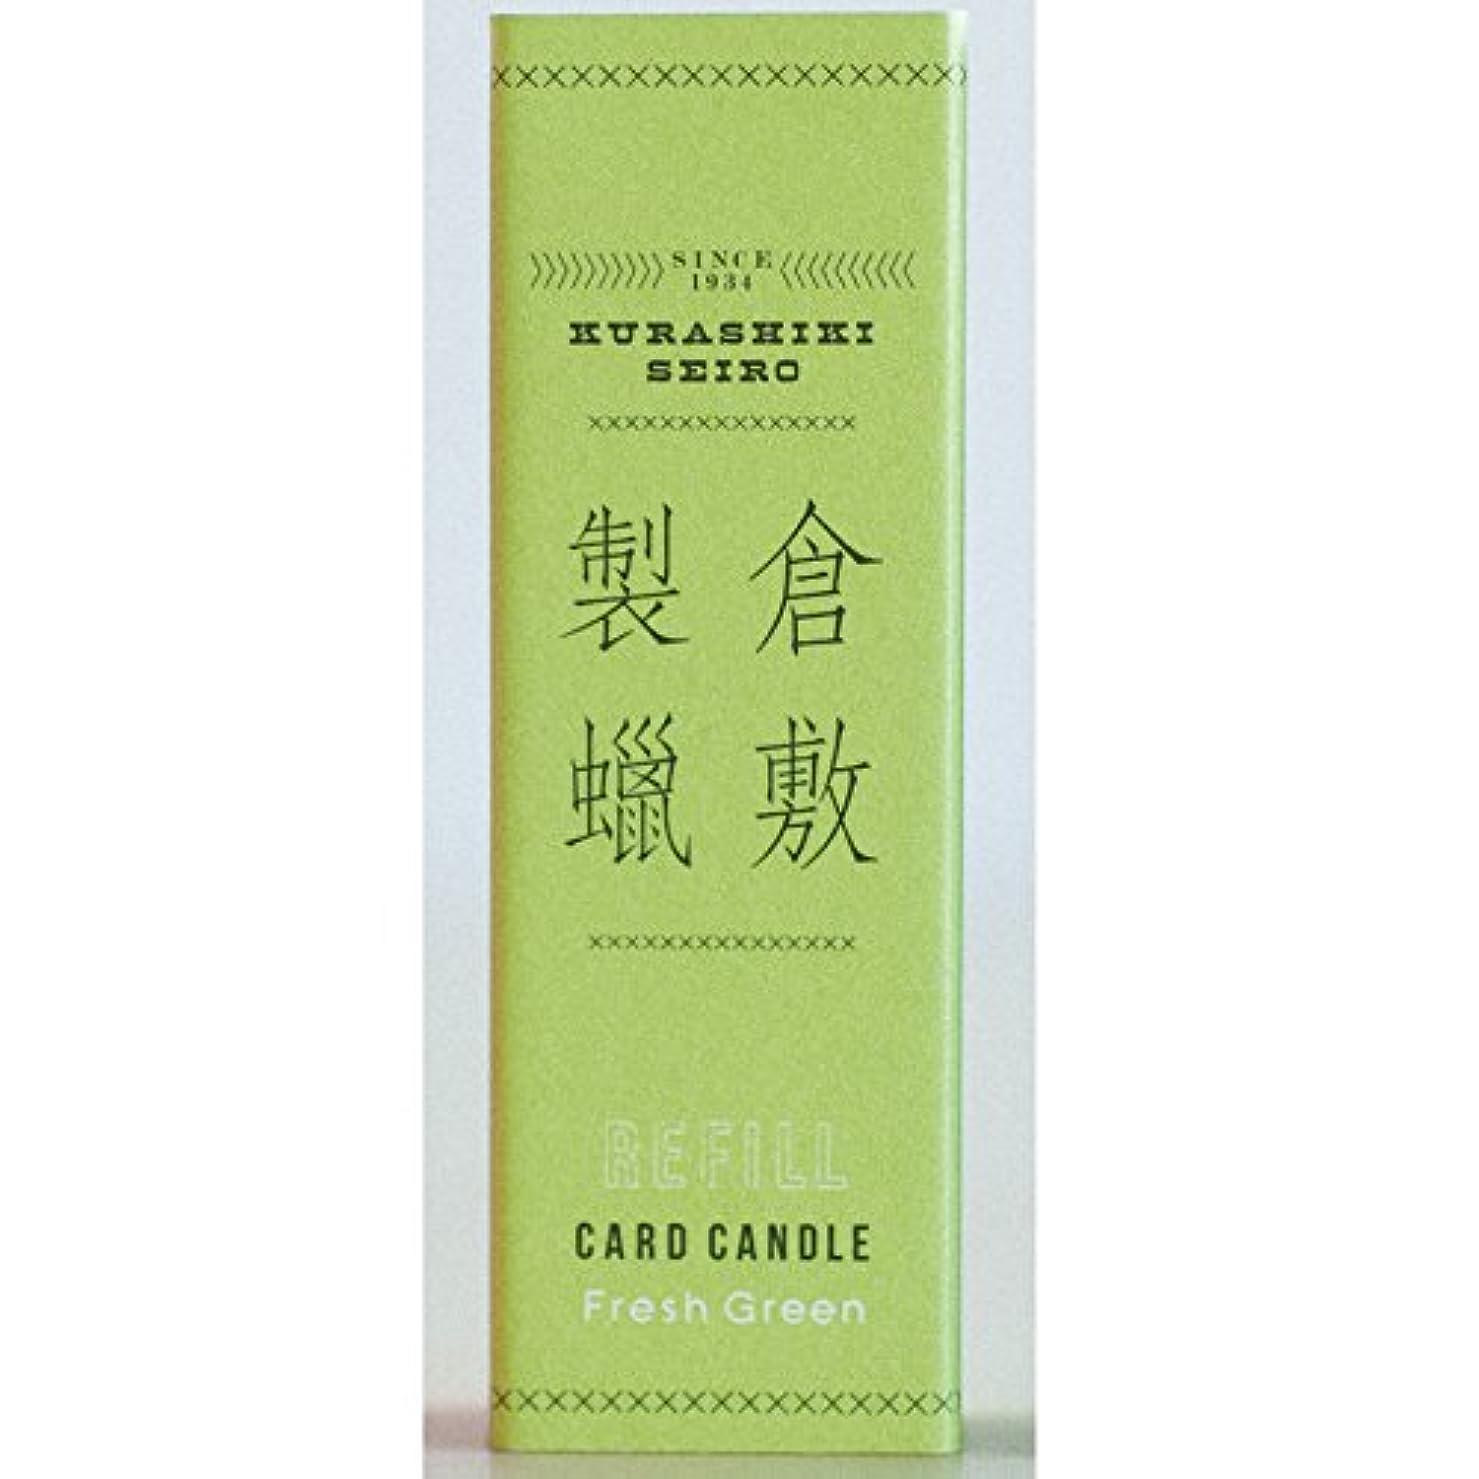 後ろに非アクティブ隠す倉敷製蝋 CARD CANDLE REFILL (Fresh Green)